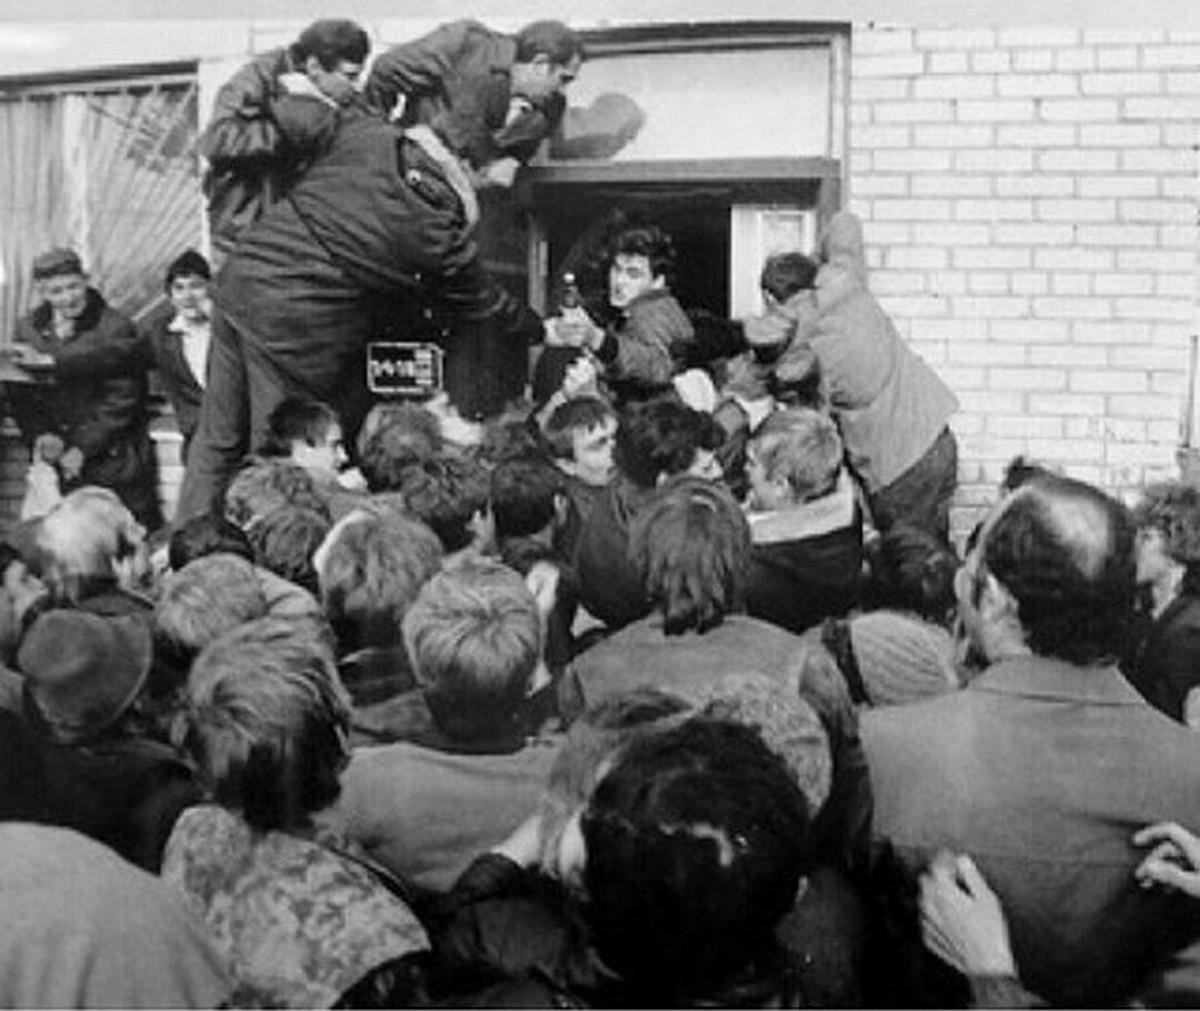 1990_augusztus_22_a_cseljabinszki_bor-lazadas_akkoriban_csak_napi_2_oran_at_arultak_bort_az_uzletek.jpeg